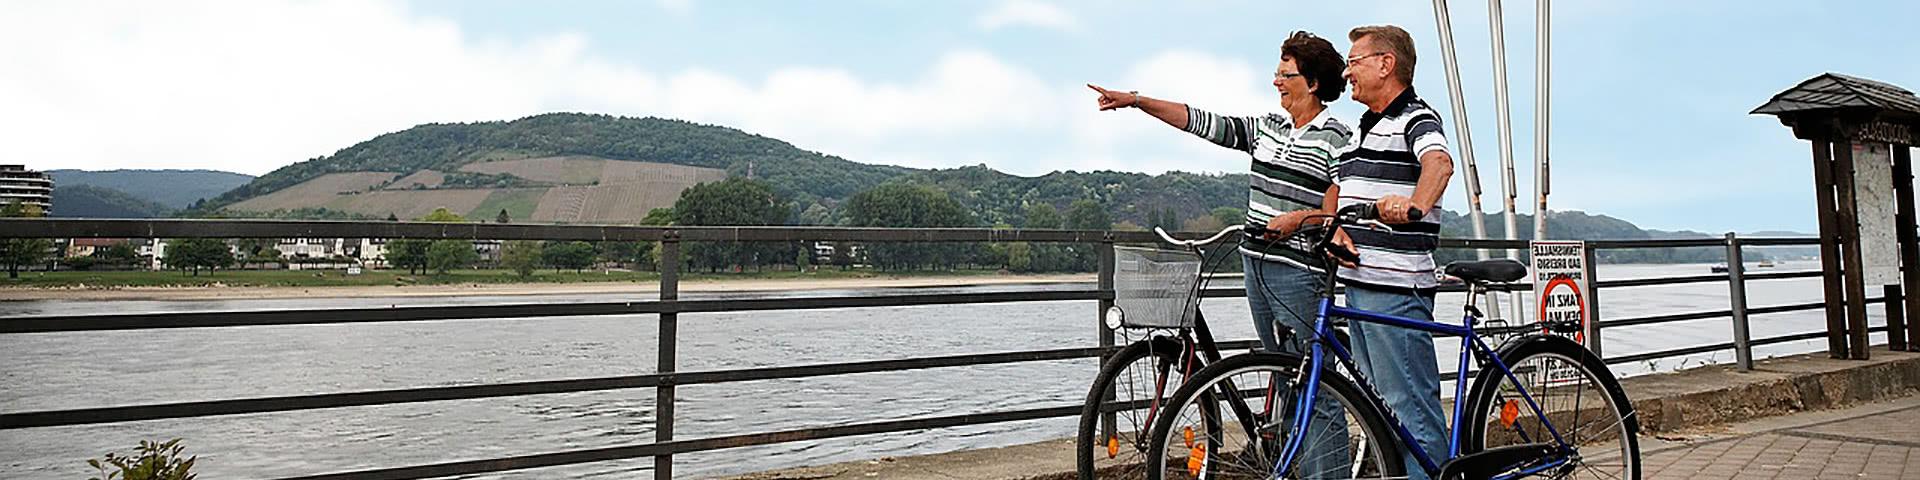 Paar steht mit Fahrrädern am Rheinufer und guckt in die Ferne in Bad Breisig